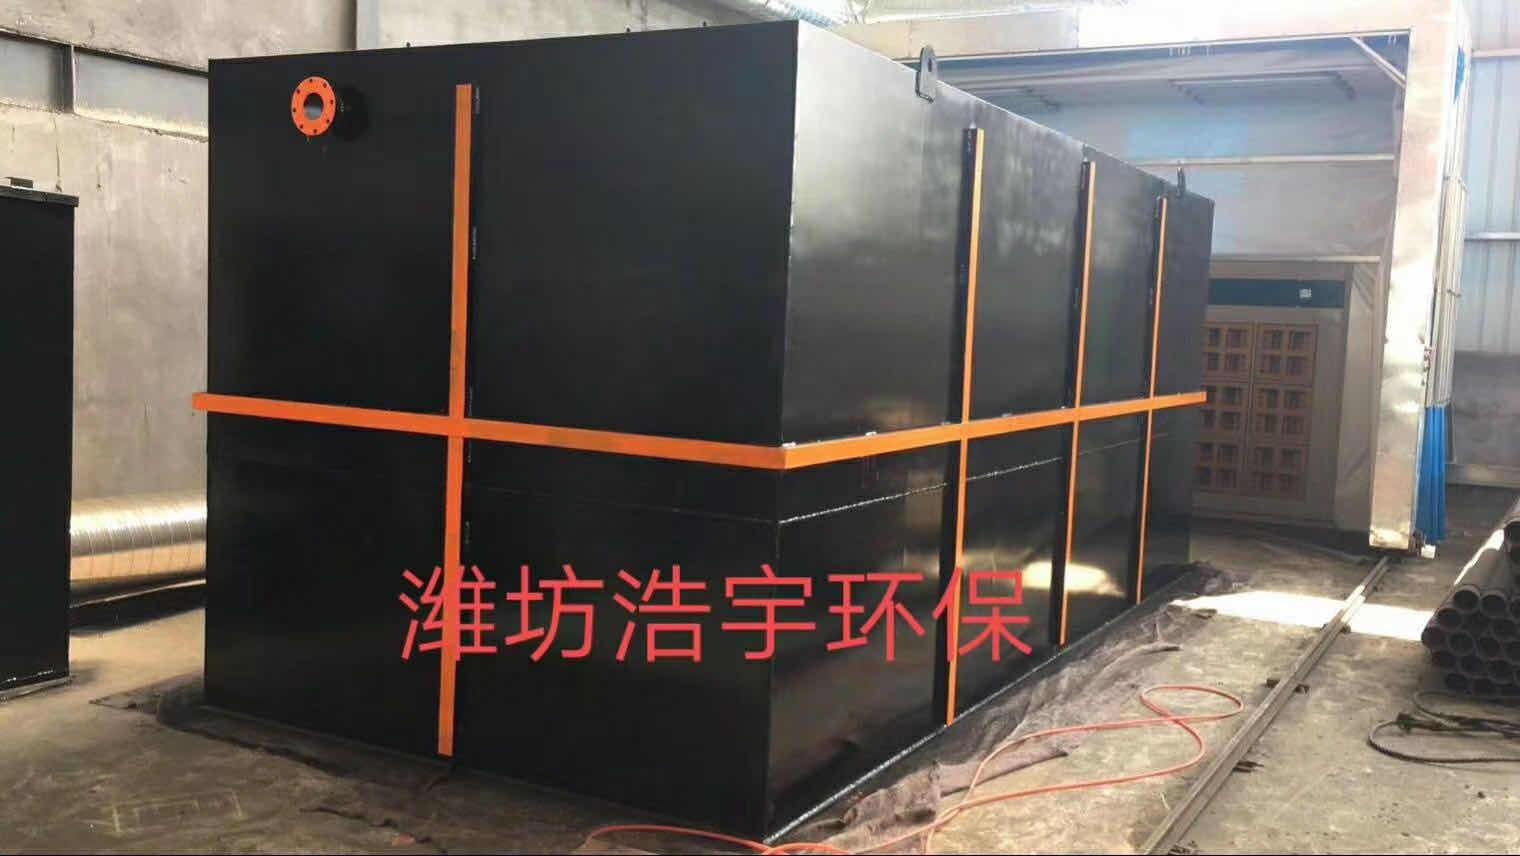 洗涤废水处理设备 <br> 全新  价格:18888 <br> <img src=http://k.kqzp.cn/img/up/img/5f23c009b6281.jpg